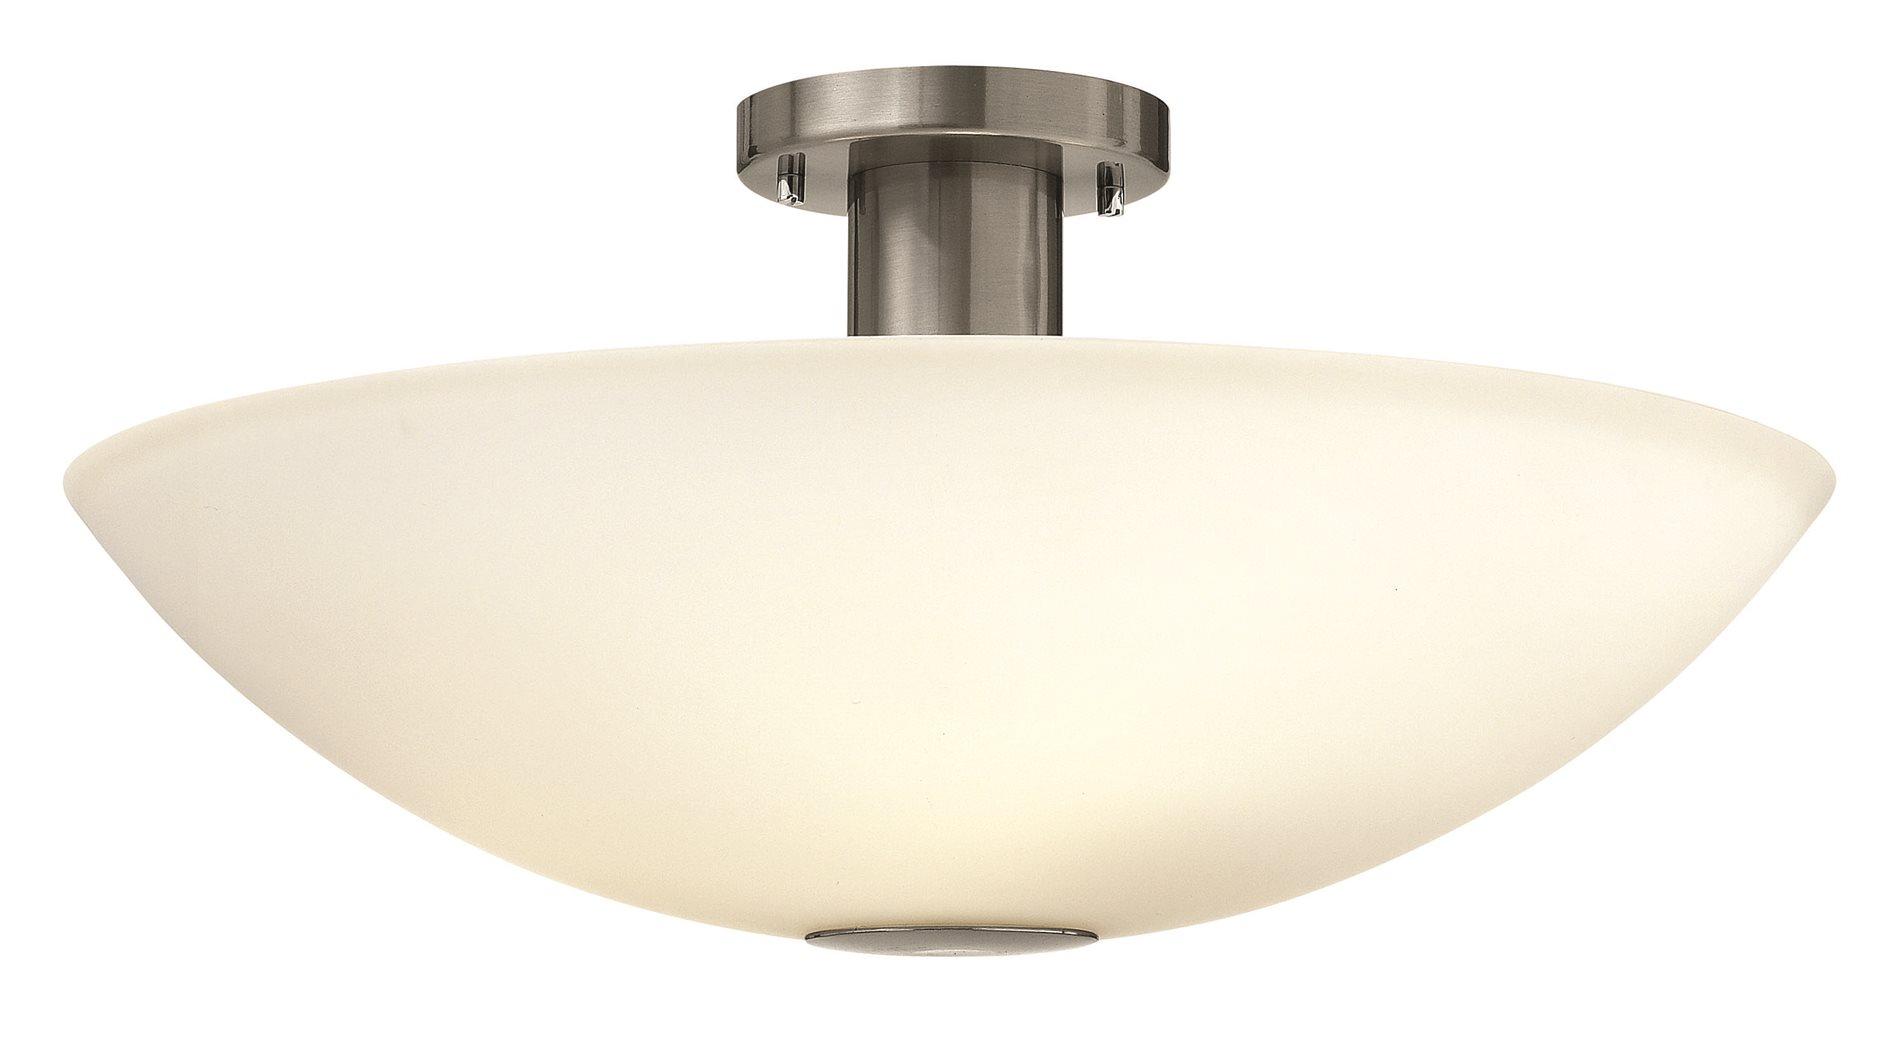 Hinkley Lighting 3342BN Camden Modern  Contemporary Semi Flush Mount Ceiling Light HK3342BN